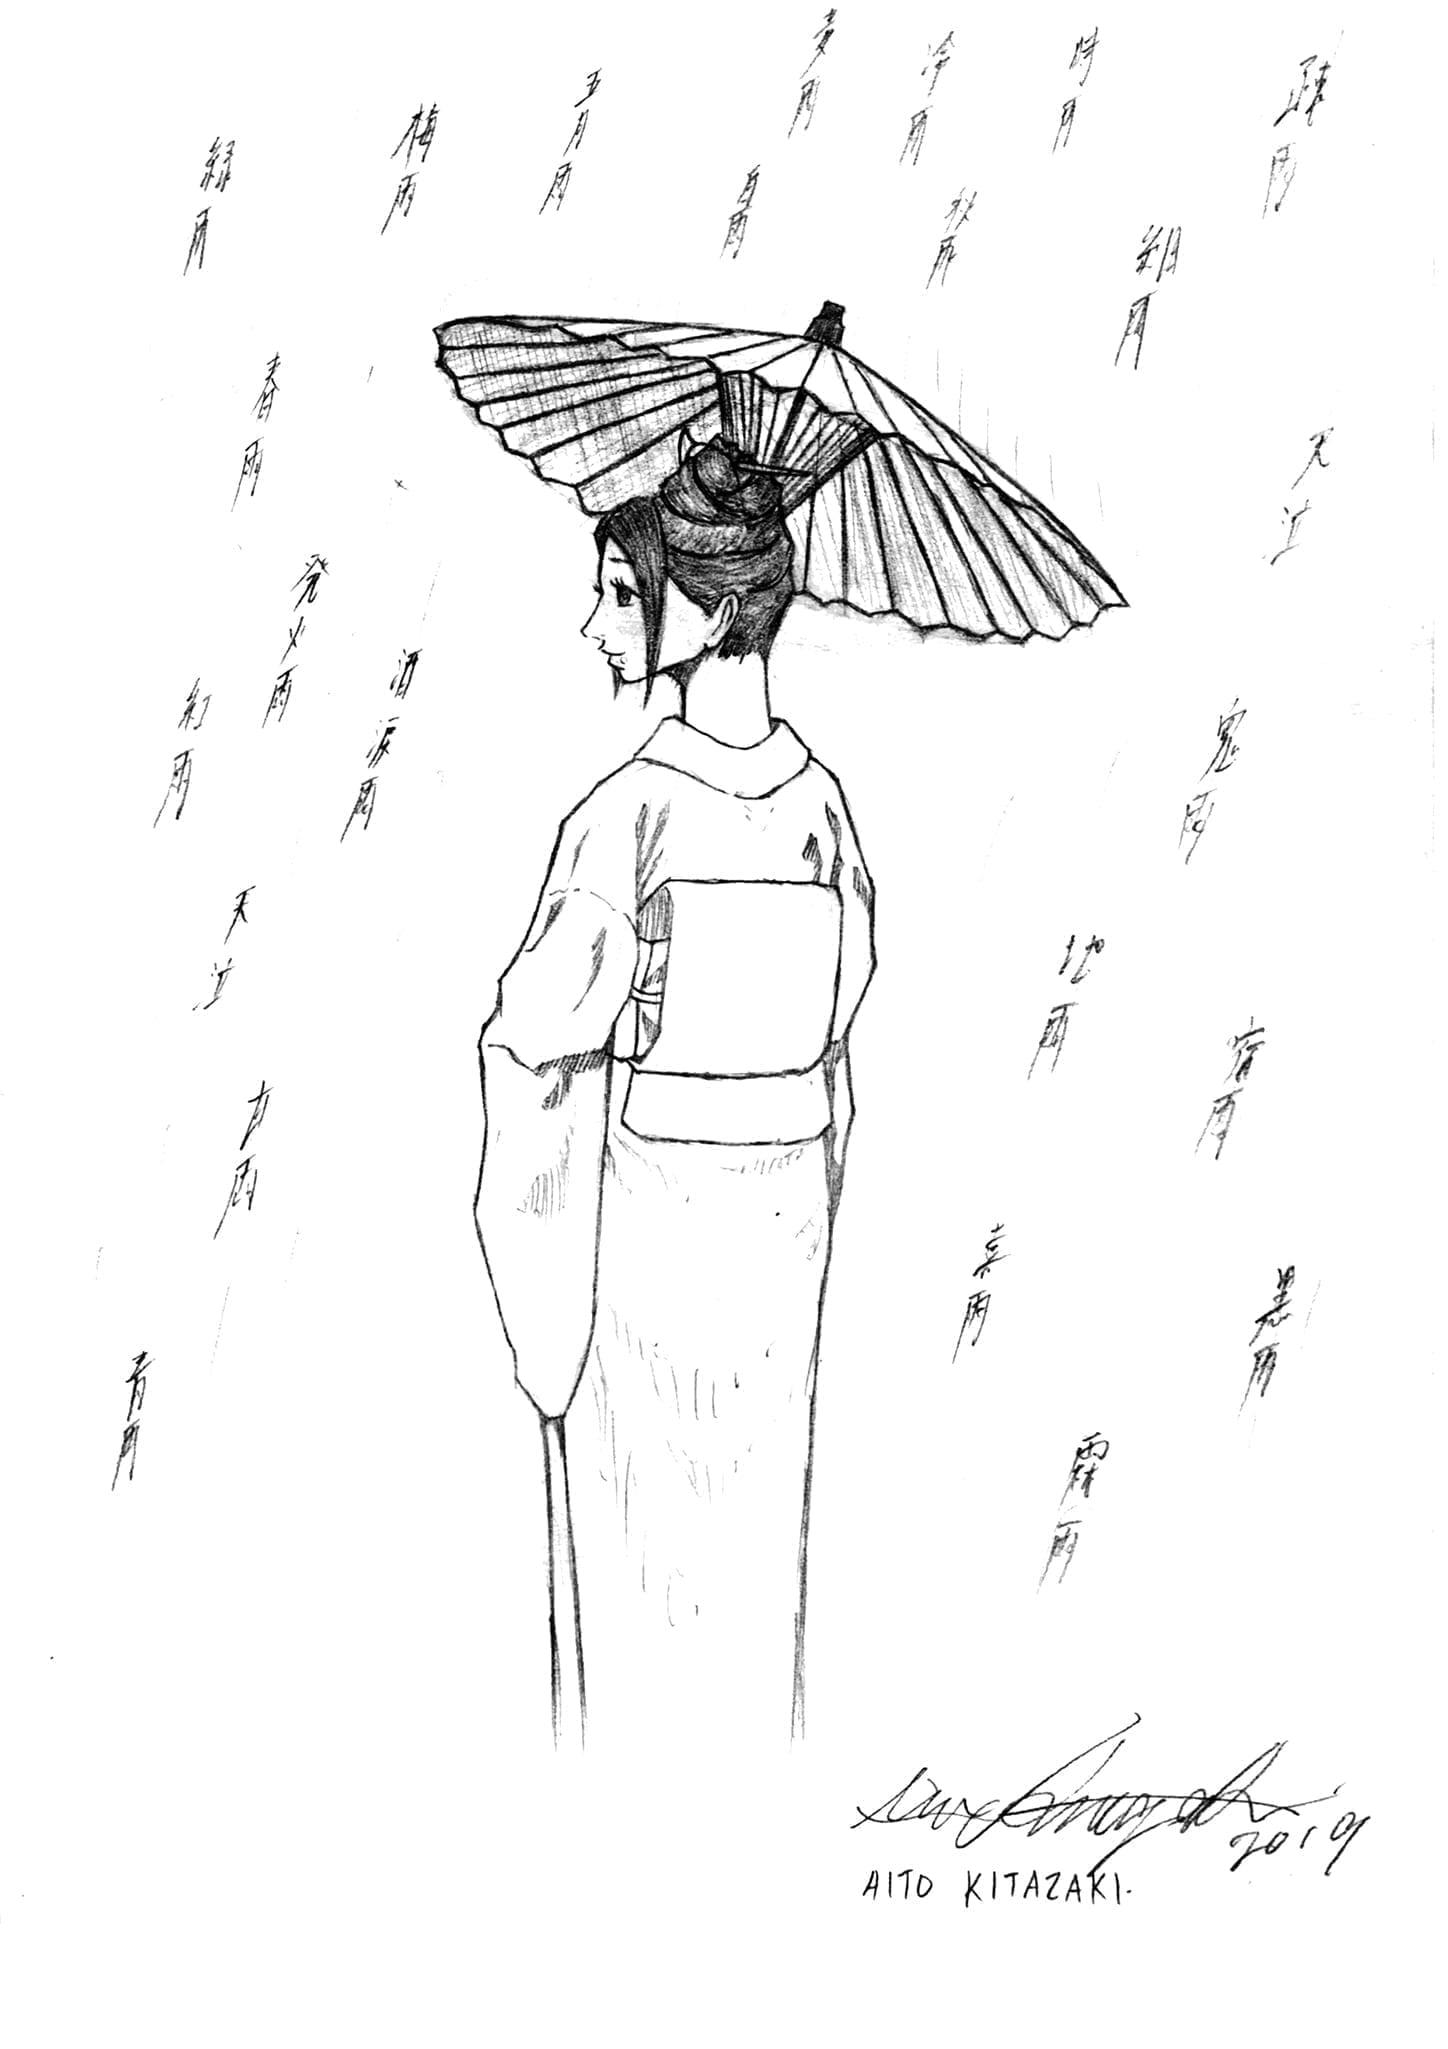 Aito Kitazaki sketch